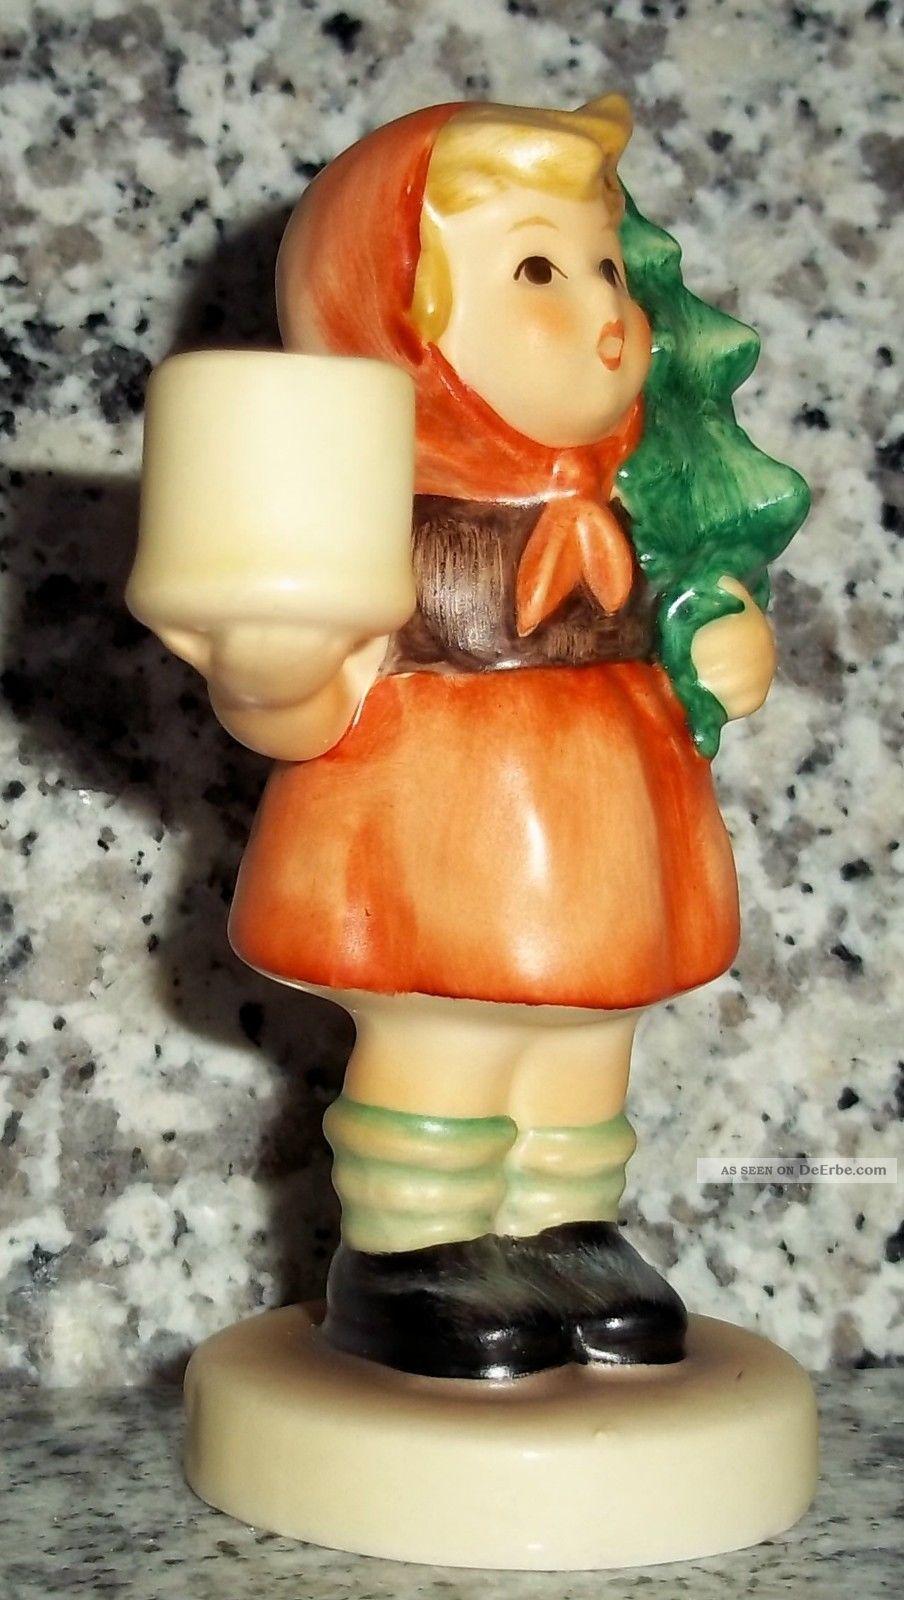 Hummel figur hum 116 m dchen mit tannenbaum fm 6 kerzenhalter candle holder - Tannenbaum kerzenhalter ...